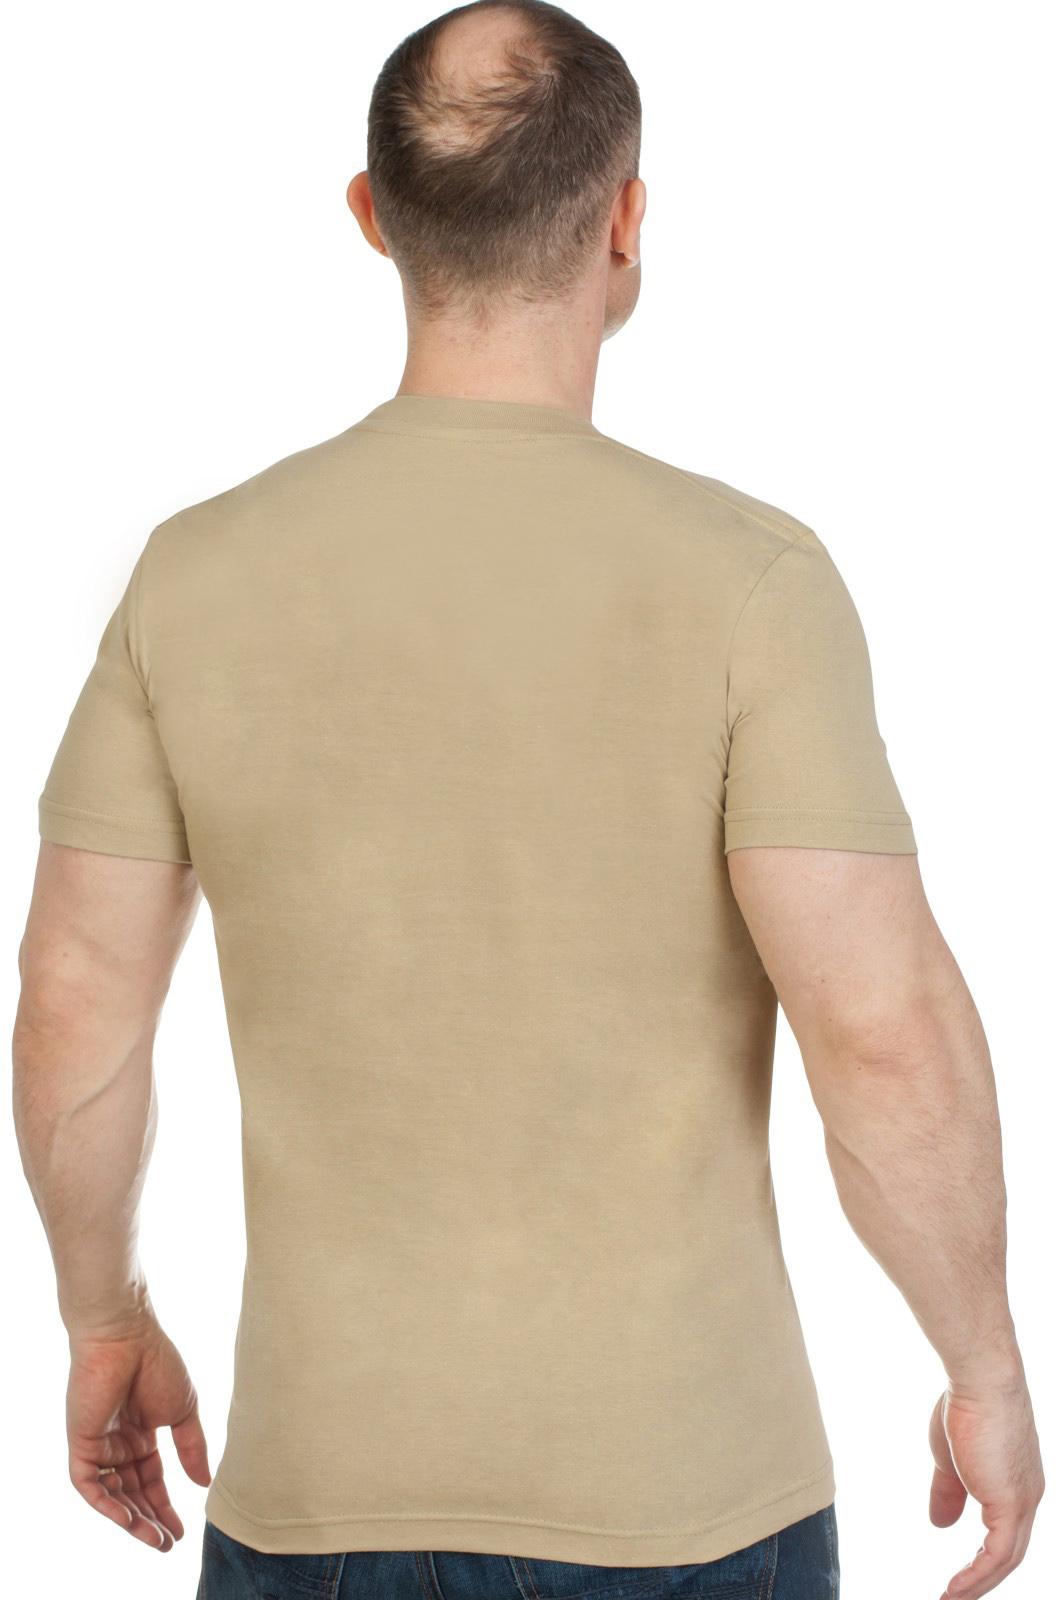 Песочная оригинальная футболка РВСН - купить онлайн